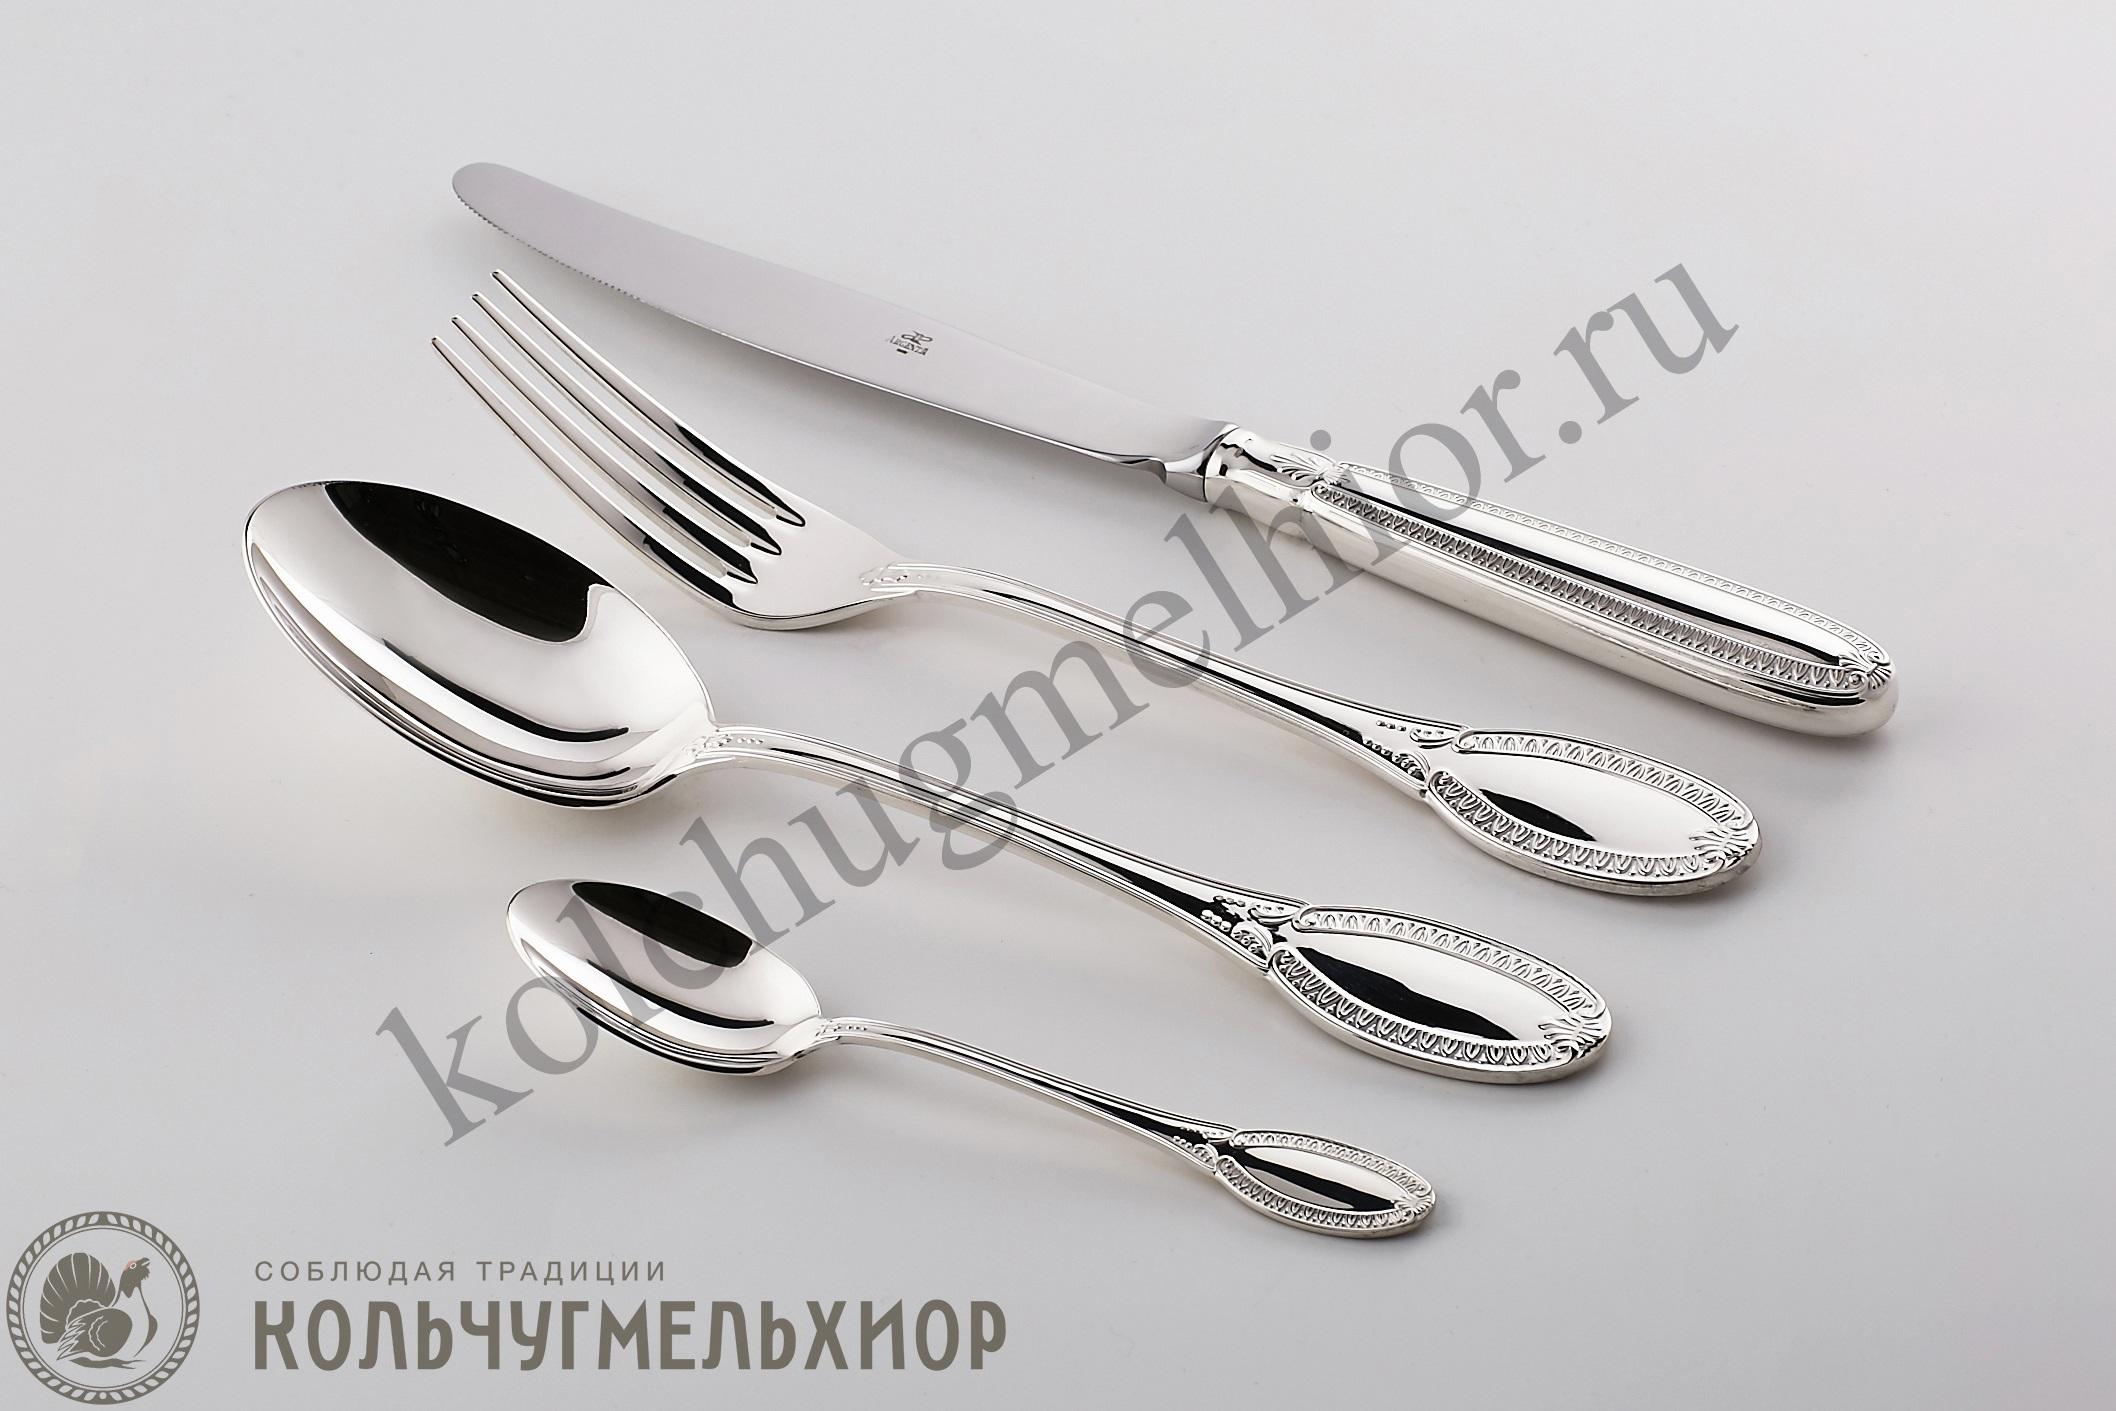 столовые приборы из серебра